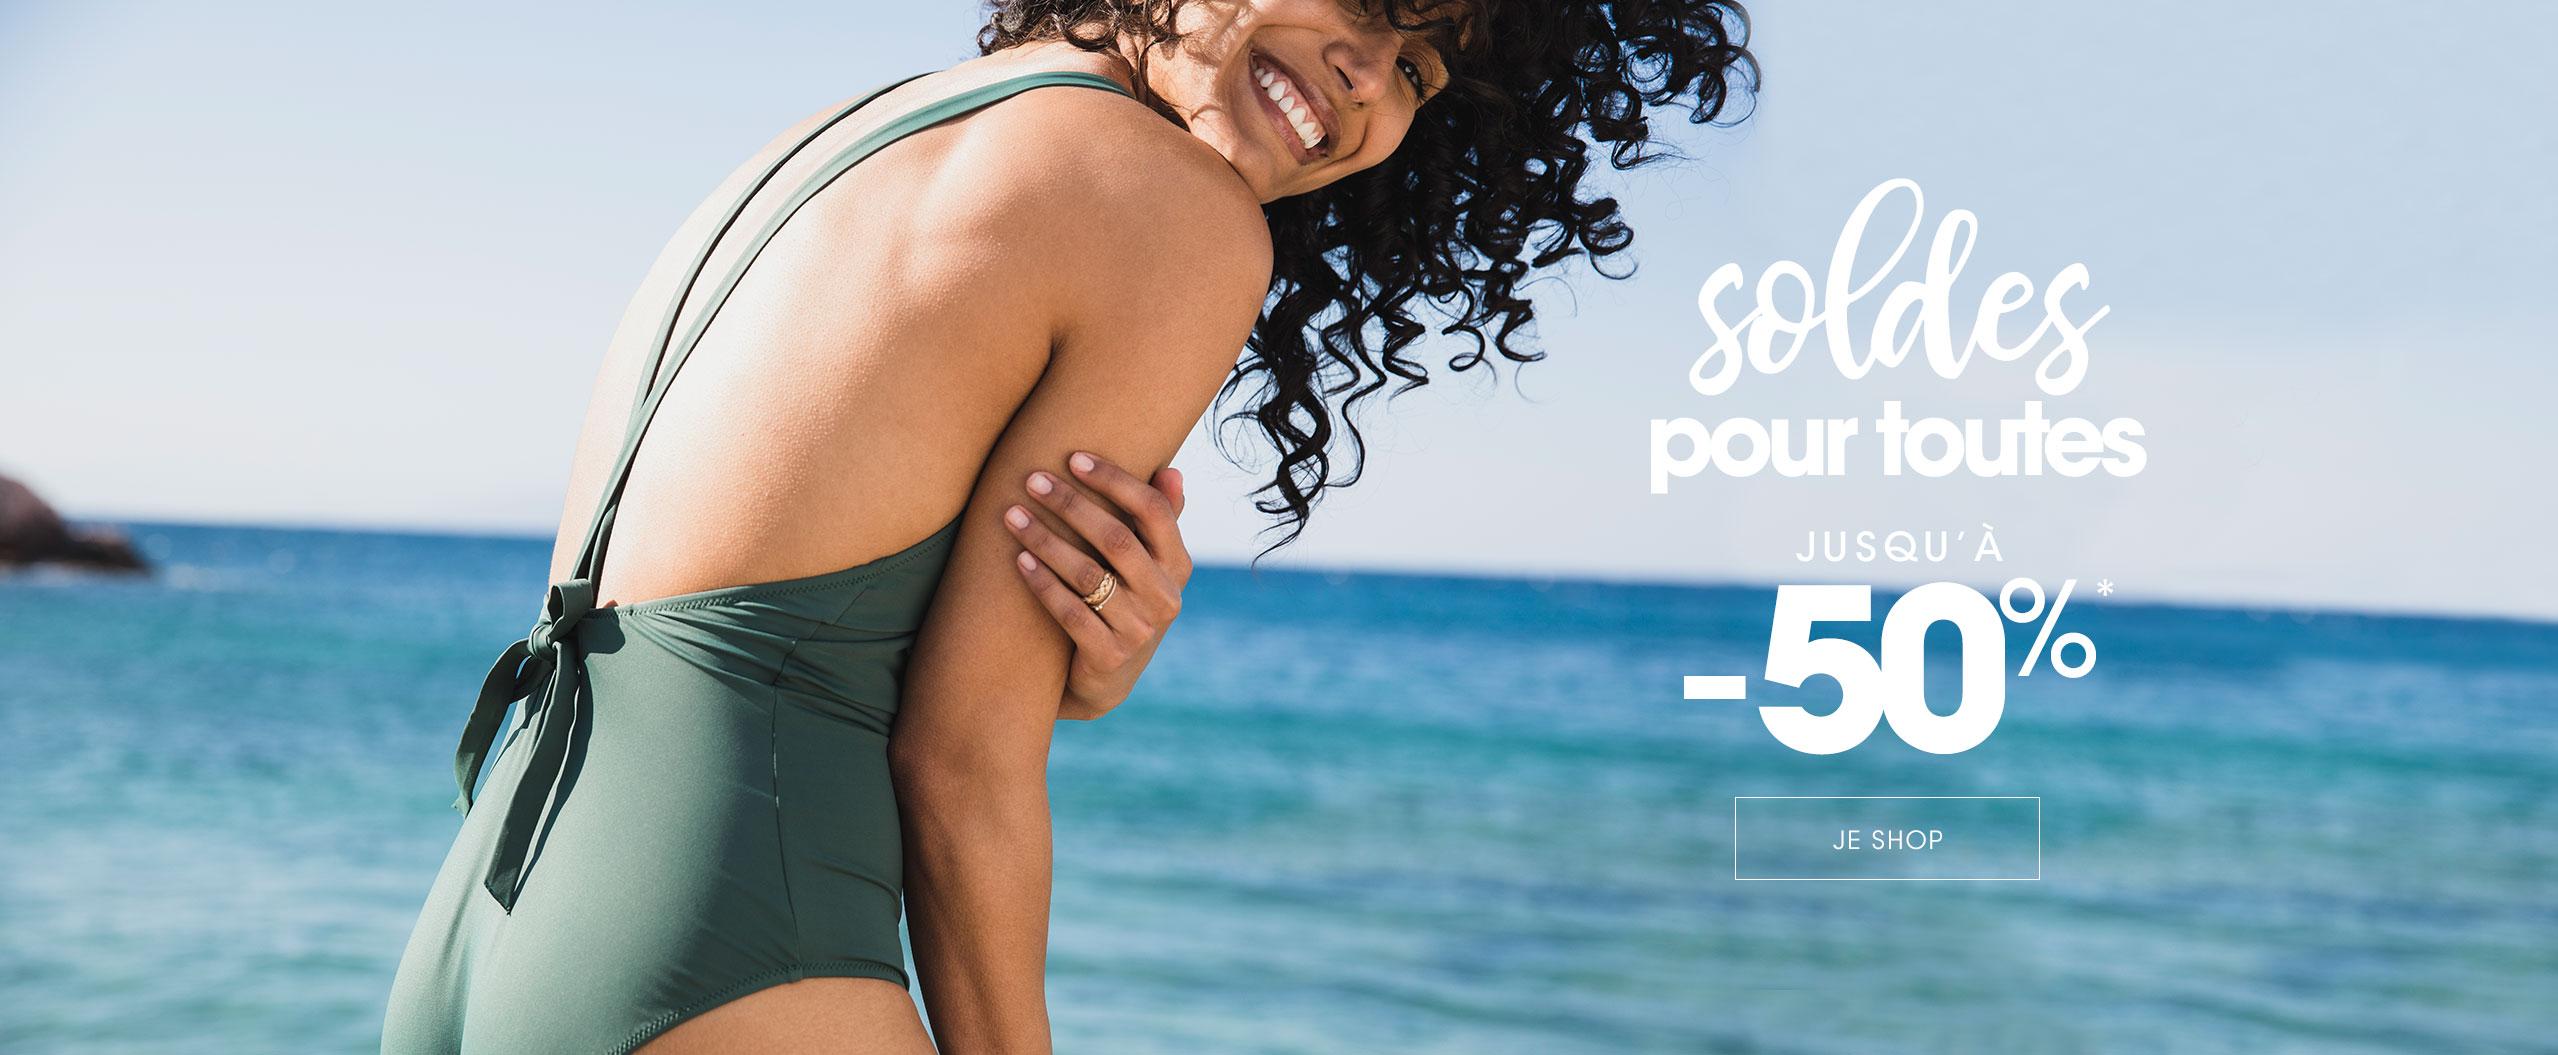 Soldes Lingerie femme & Maillot de bain jusqu'à -50%